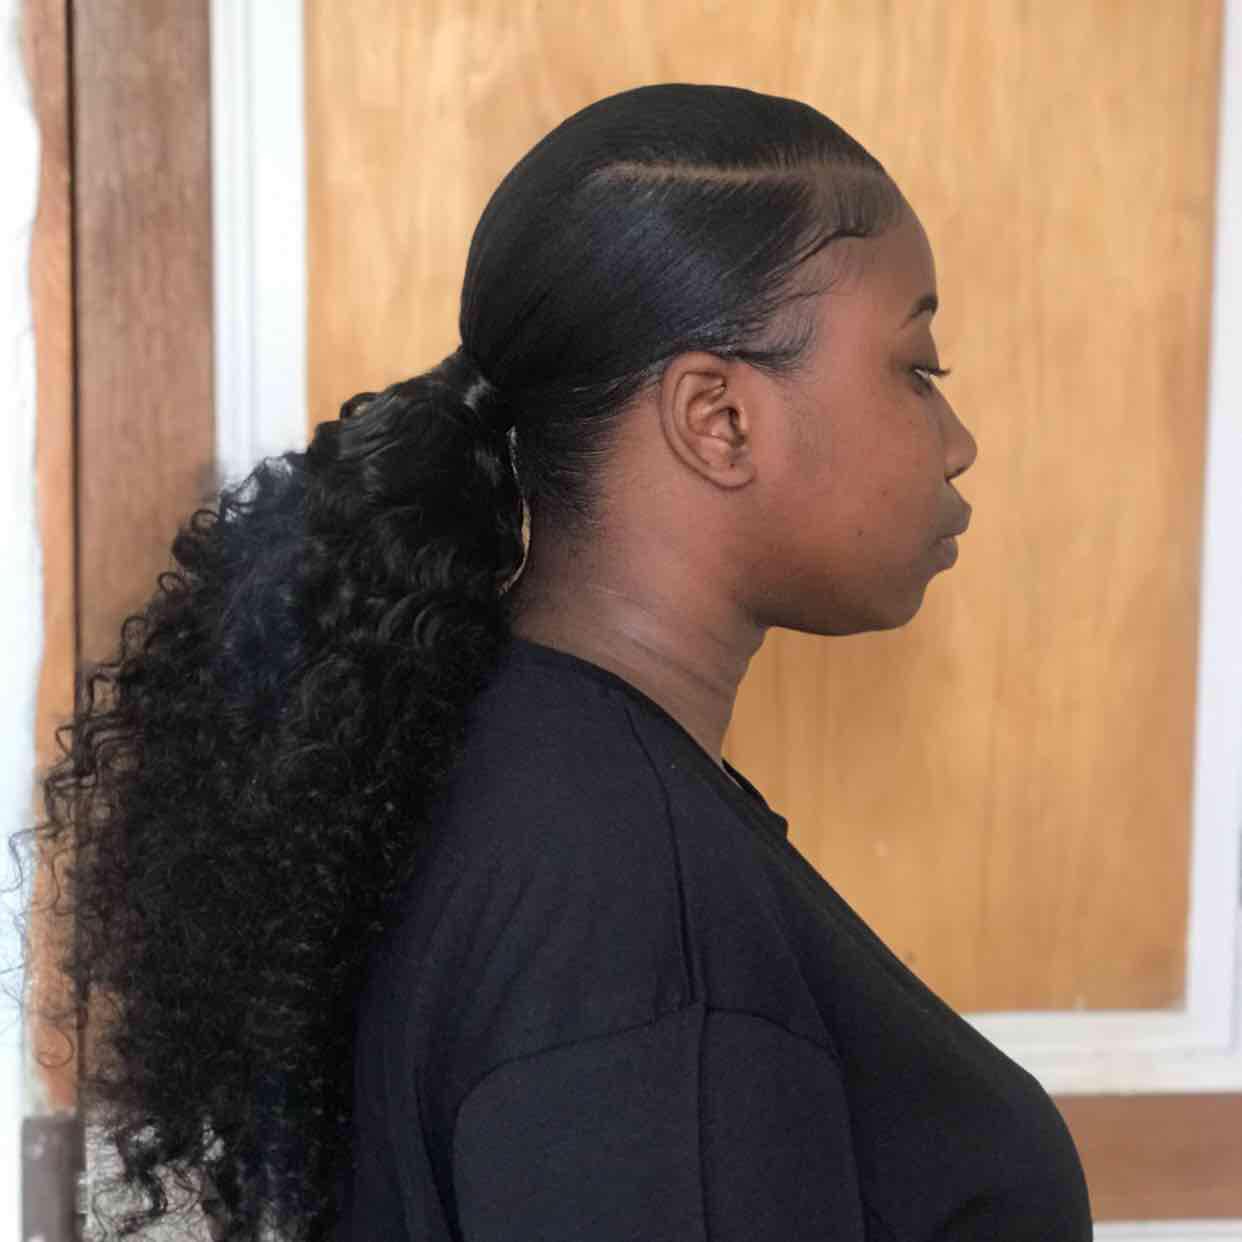 salon de coiffure afro tresse tresses box braids crochet braids vanilles tissages paris 75 77 78 91 92 93 94 95 RJLWTEVA